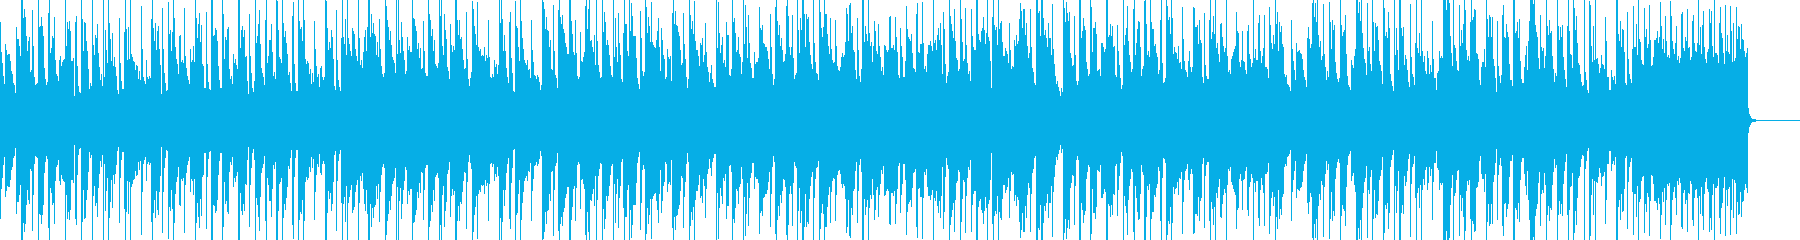 アドベンチャーゲーム系OP風の再生済みの波形